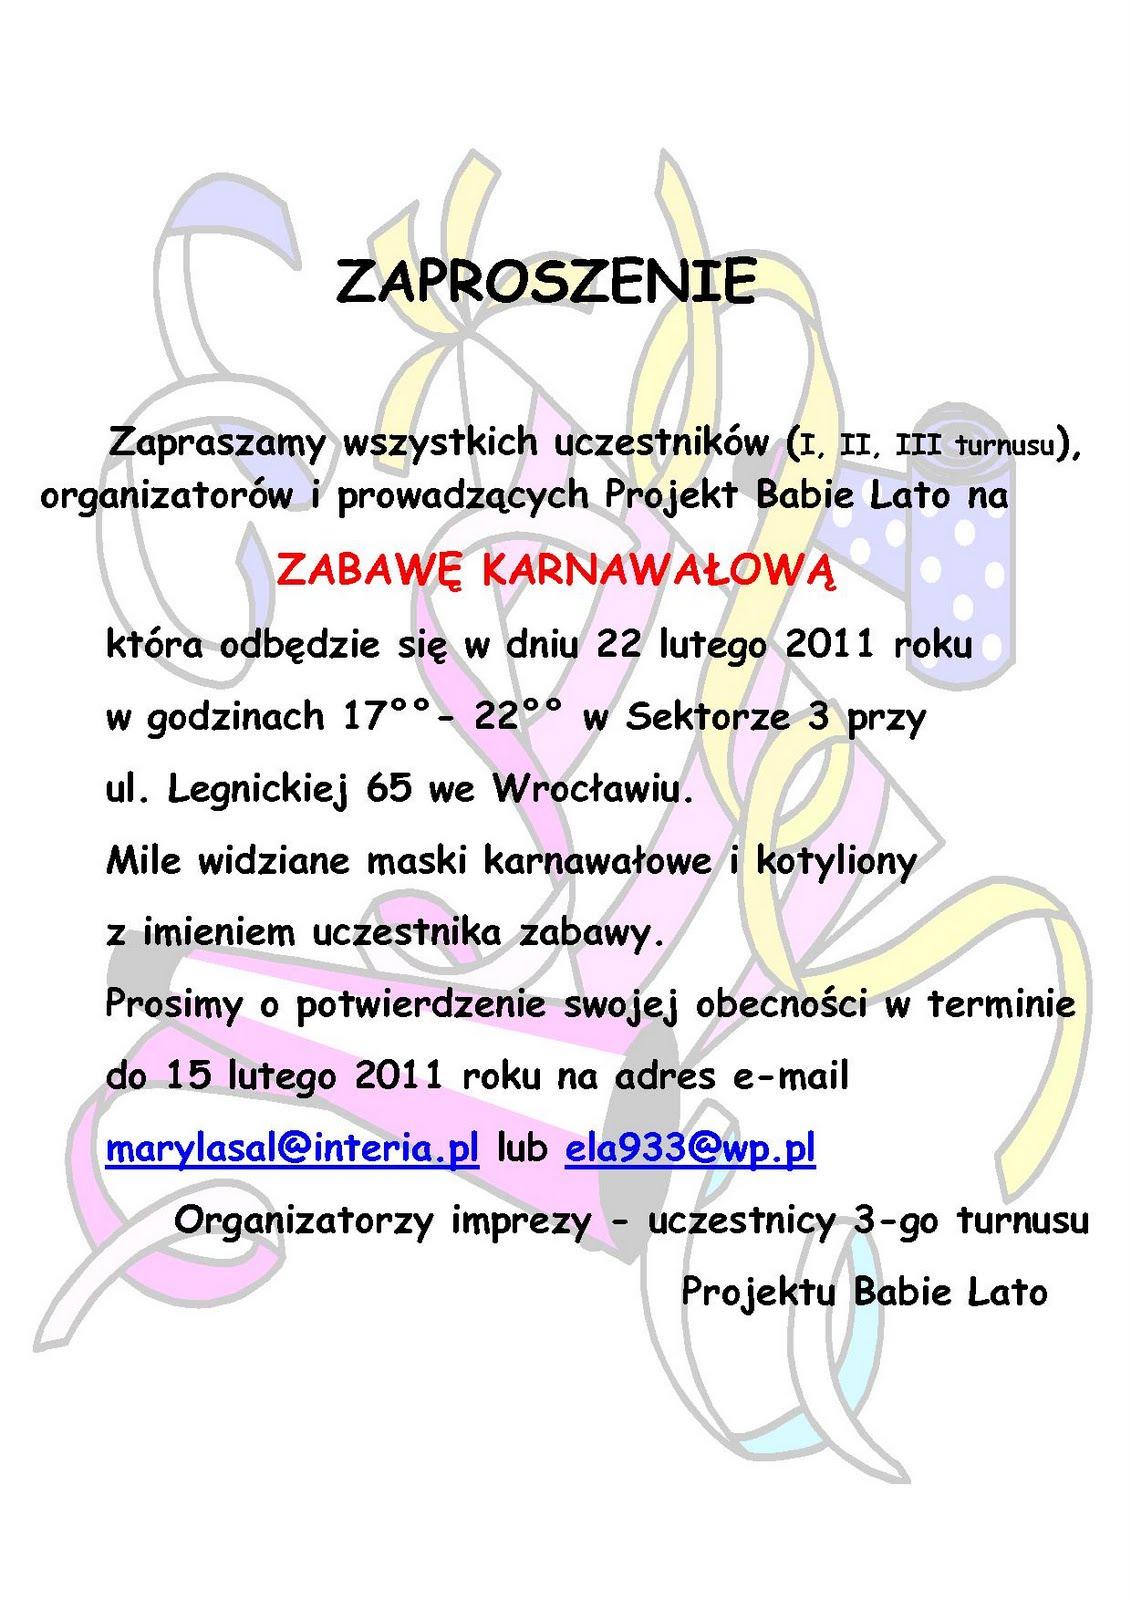 Zaproszenie Jak Napisać Ndl47 Usafrica